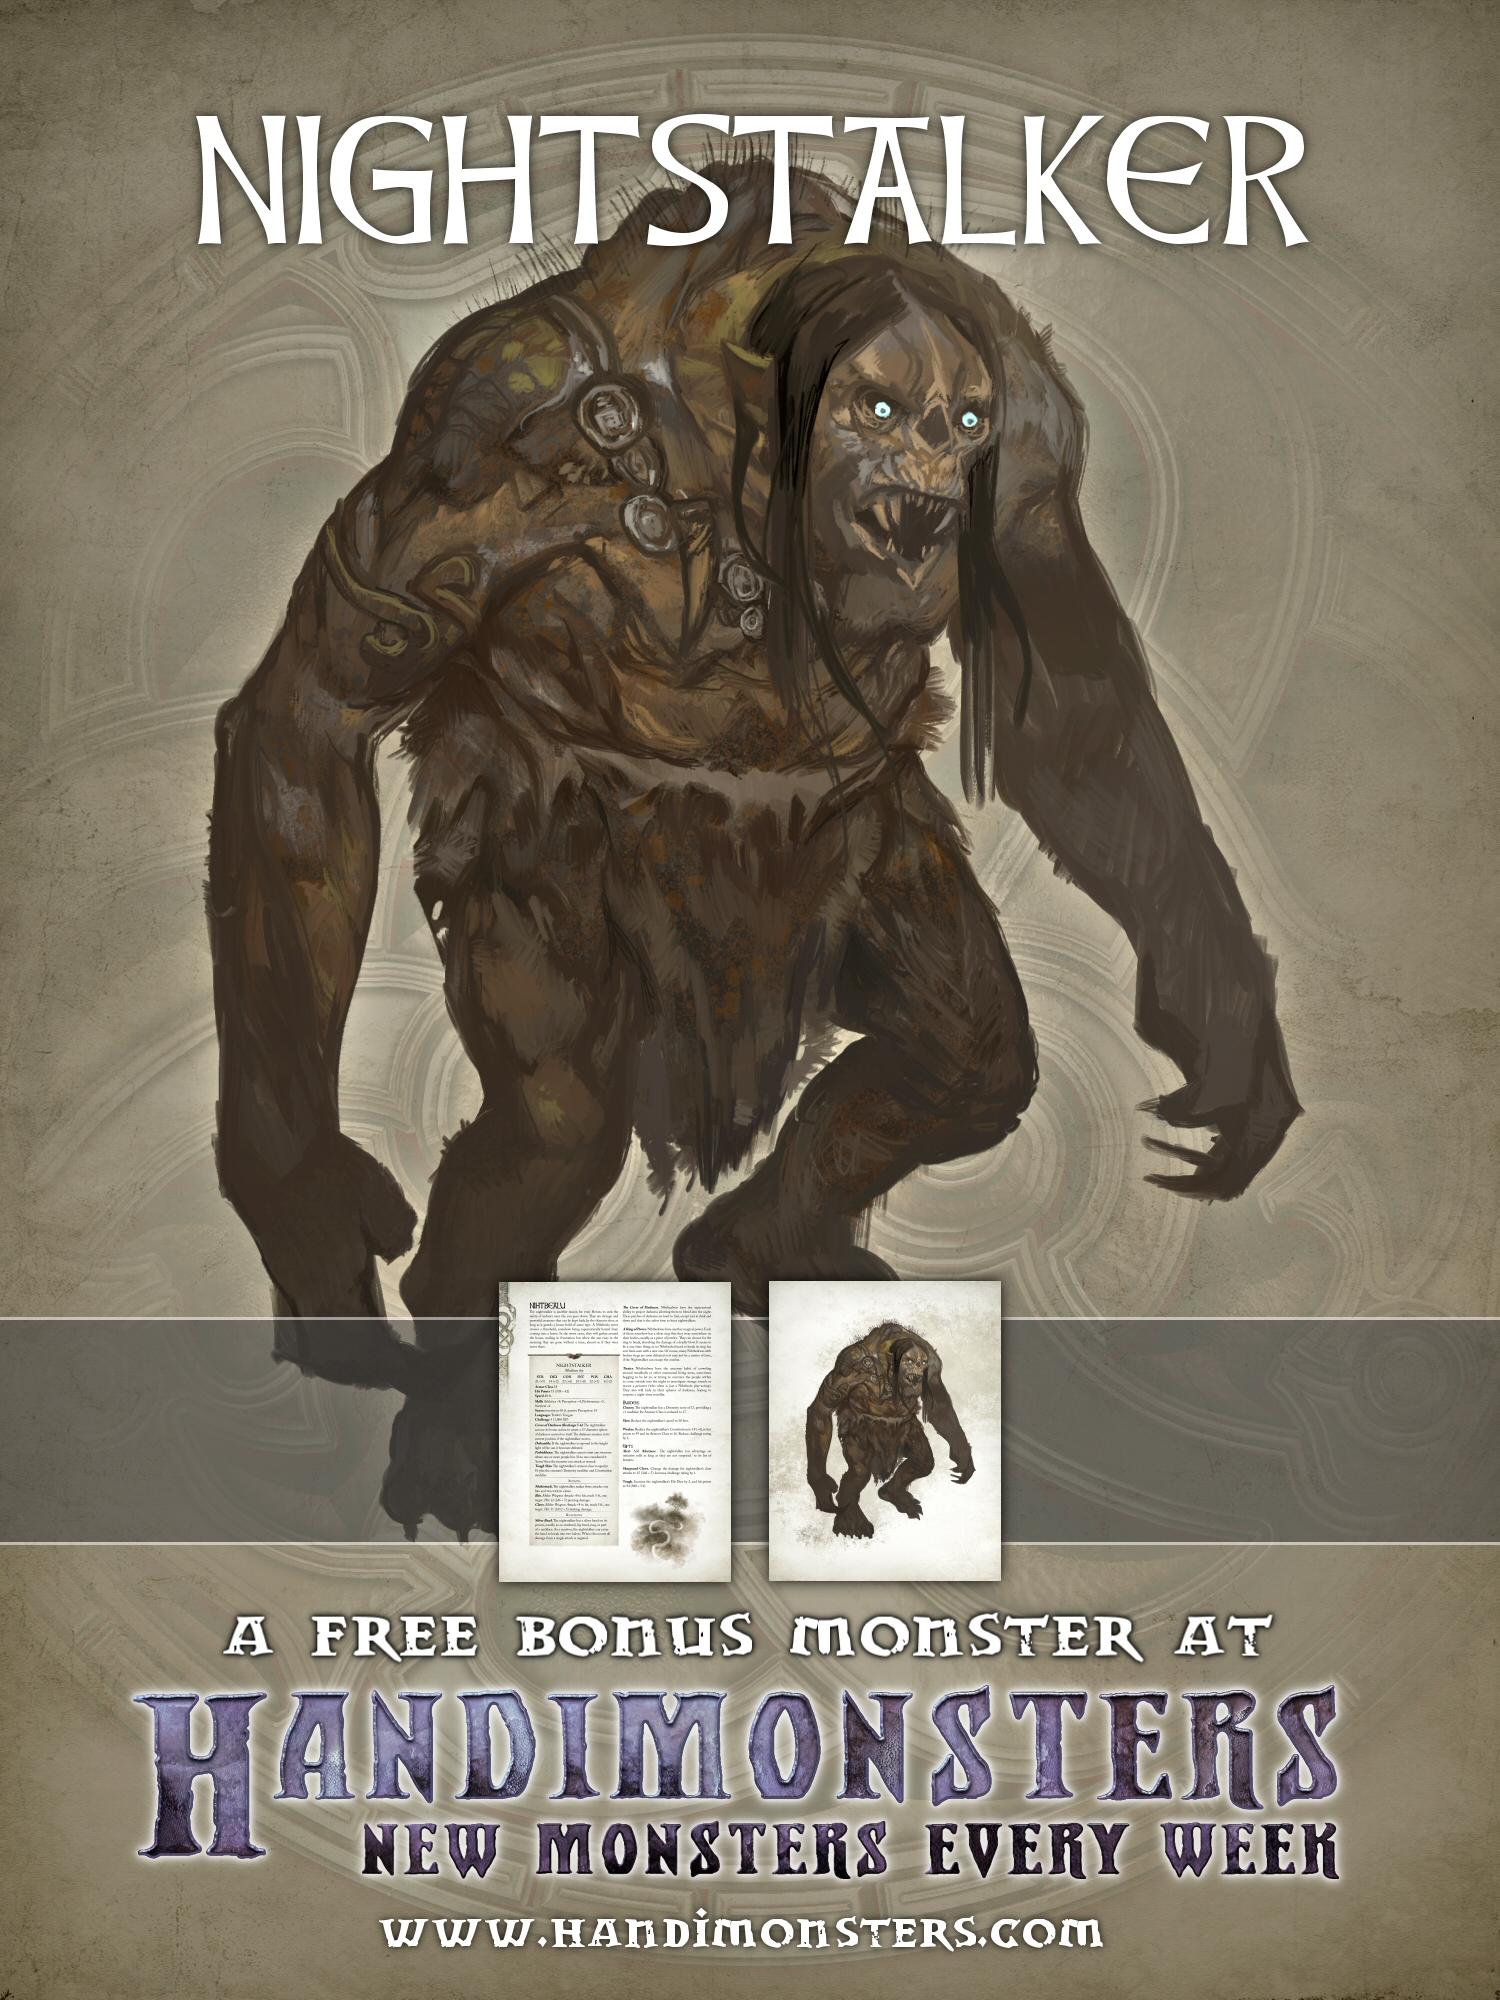 Nightstalker-Handimonster-ad.jpg